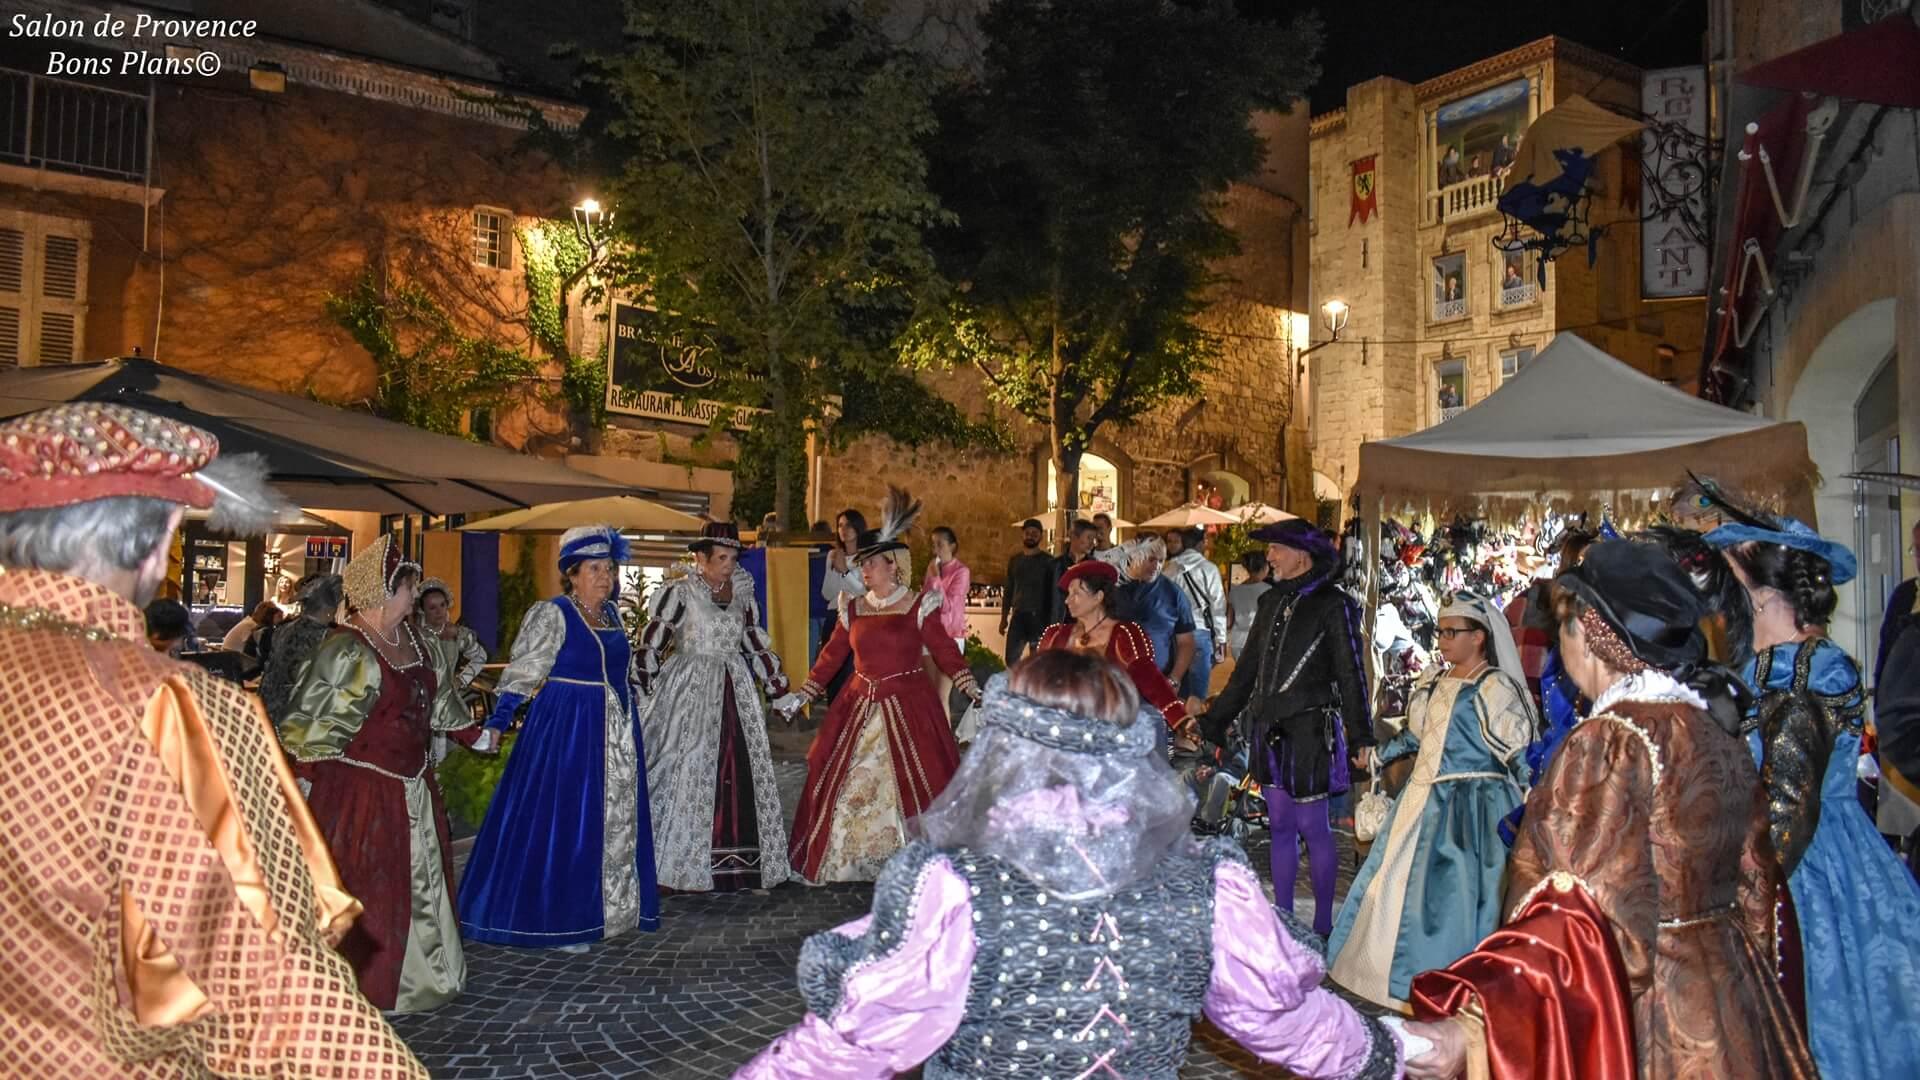 Fetes renaissance salon de provence